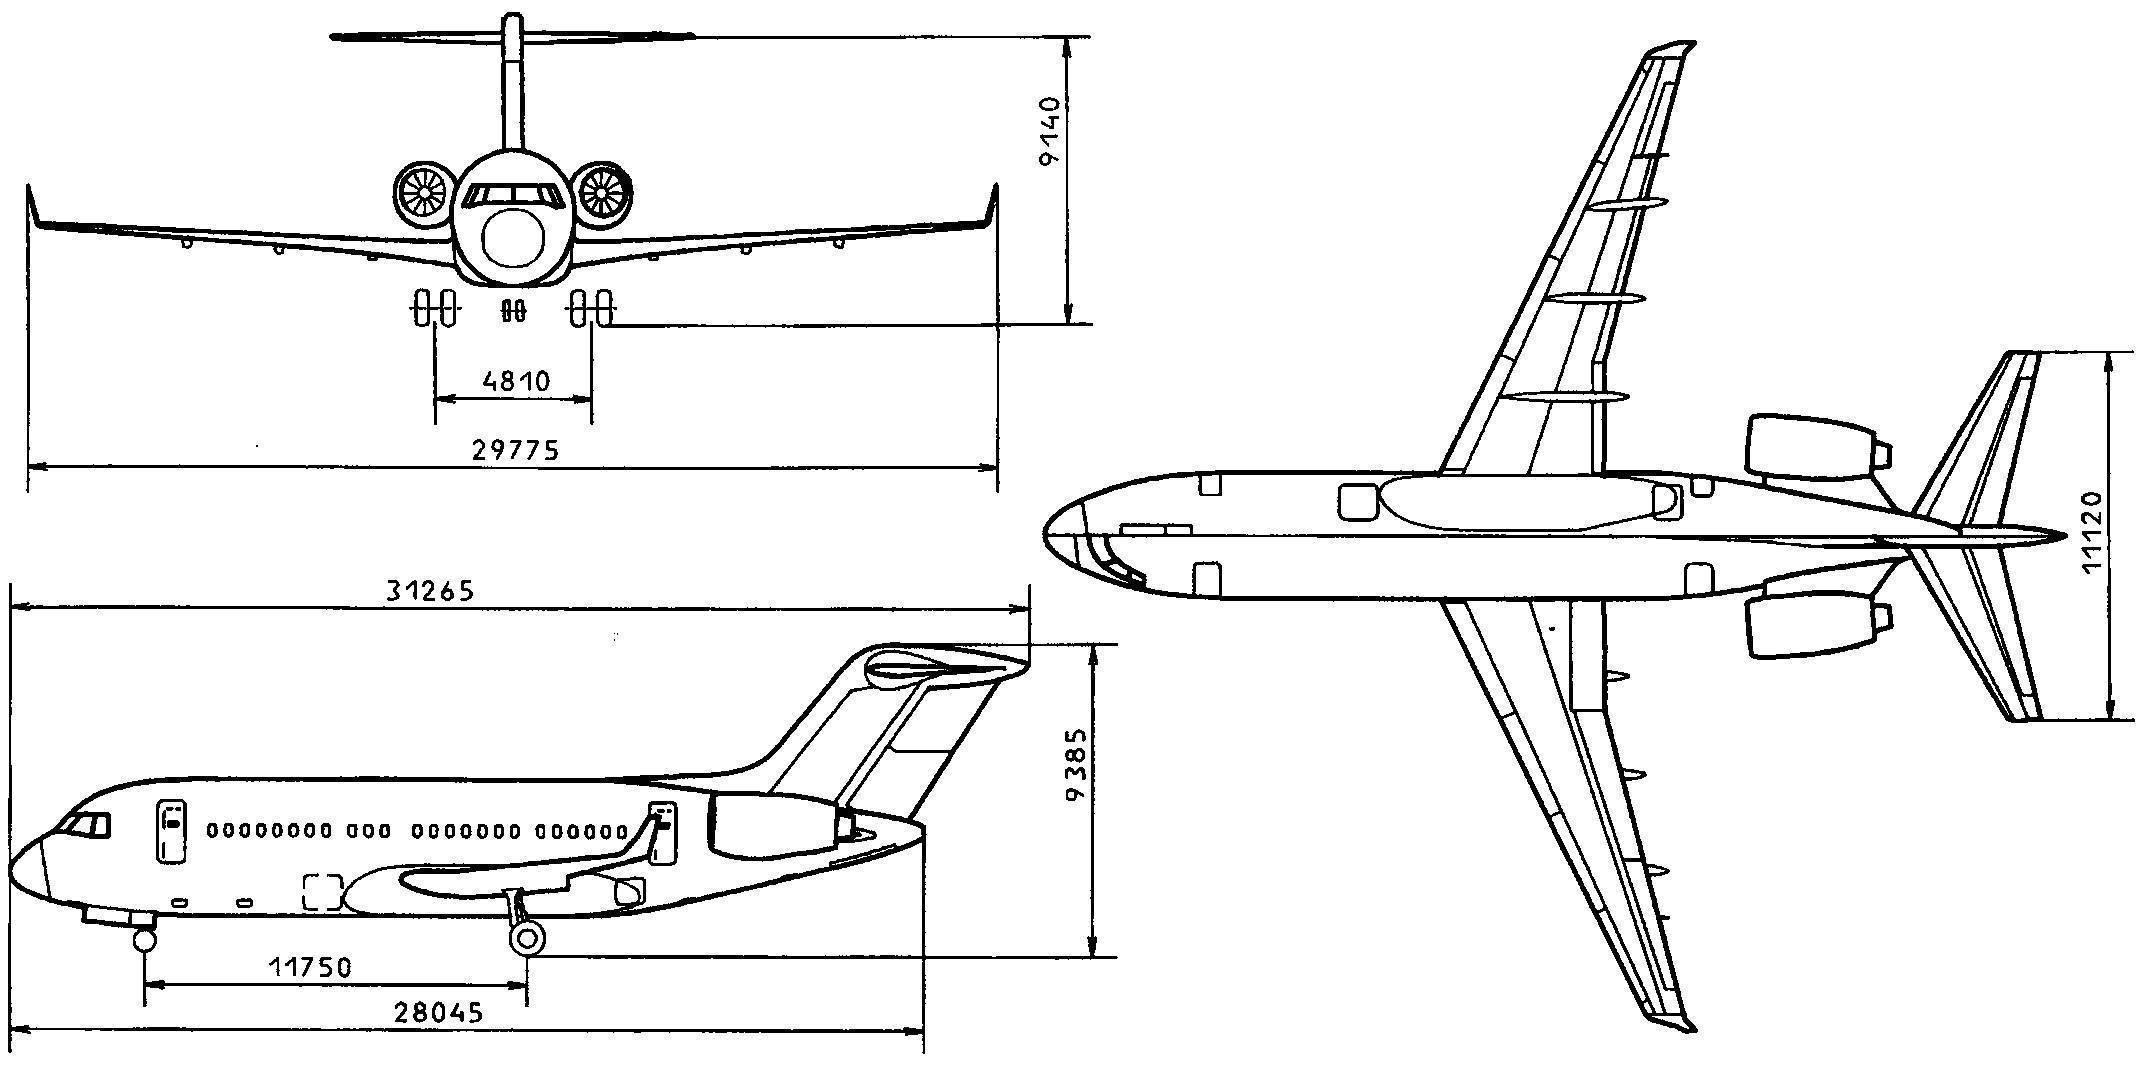 Boeing 717 - boeing 717 - qwe.wiki